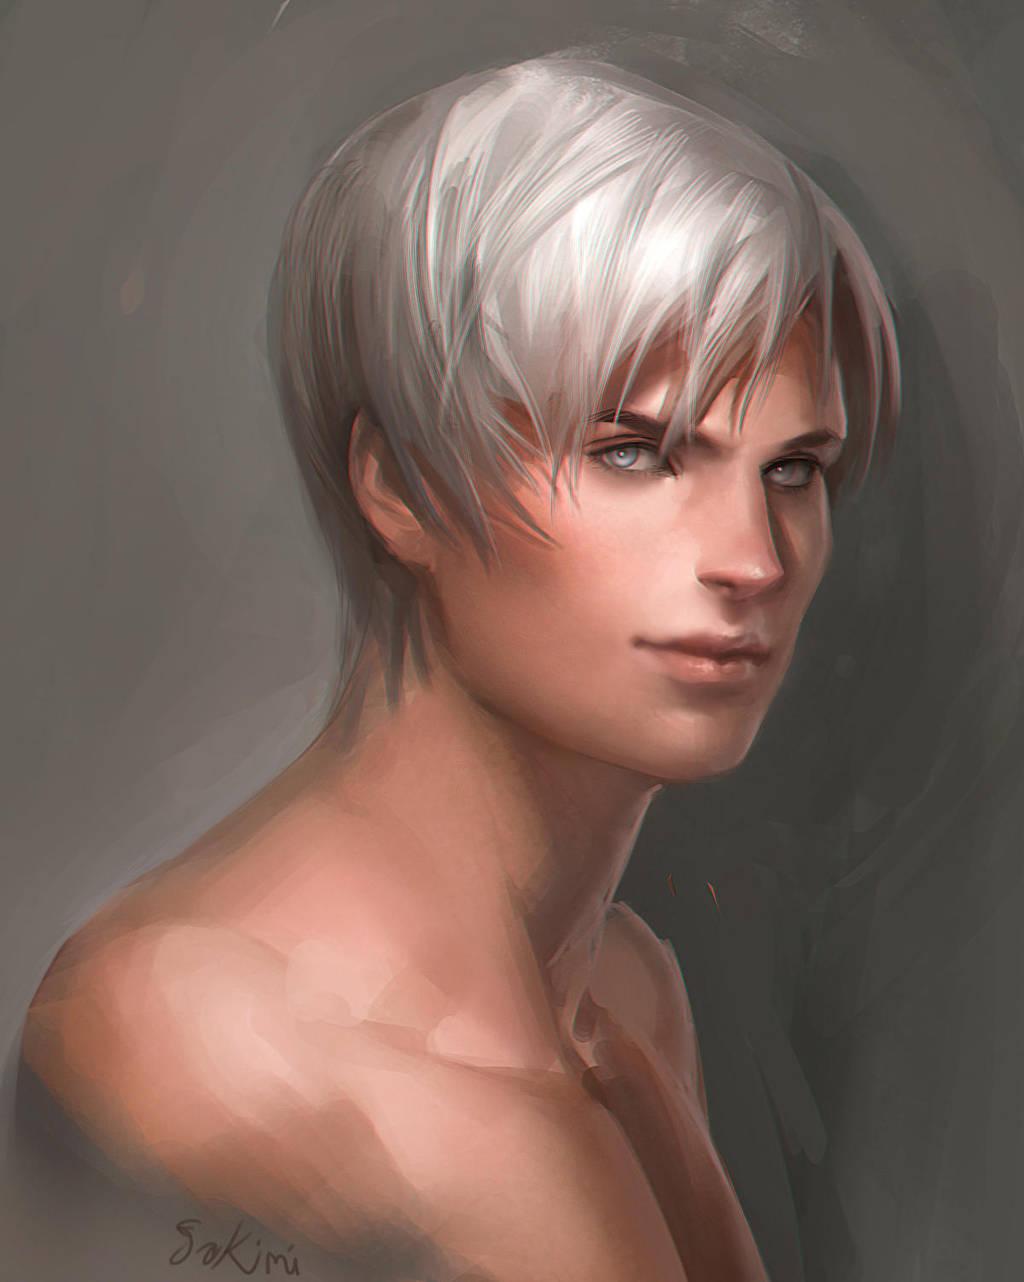 portrait by sakimichan